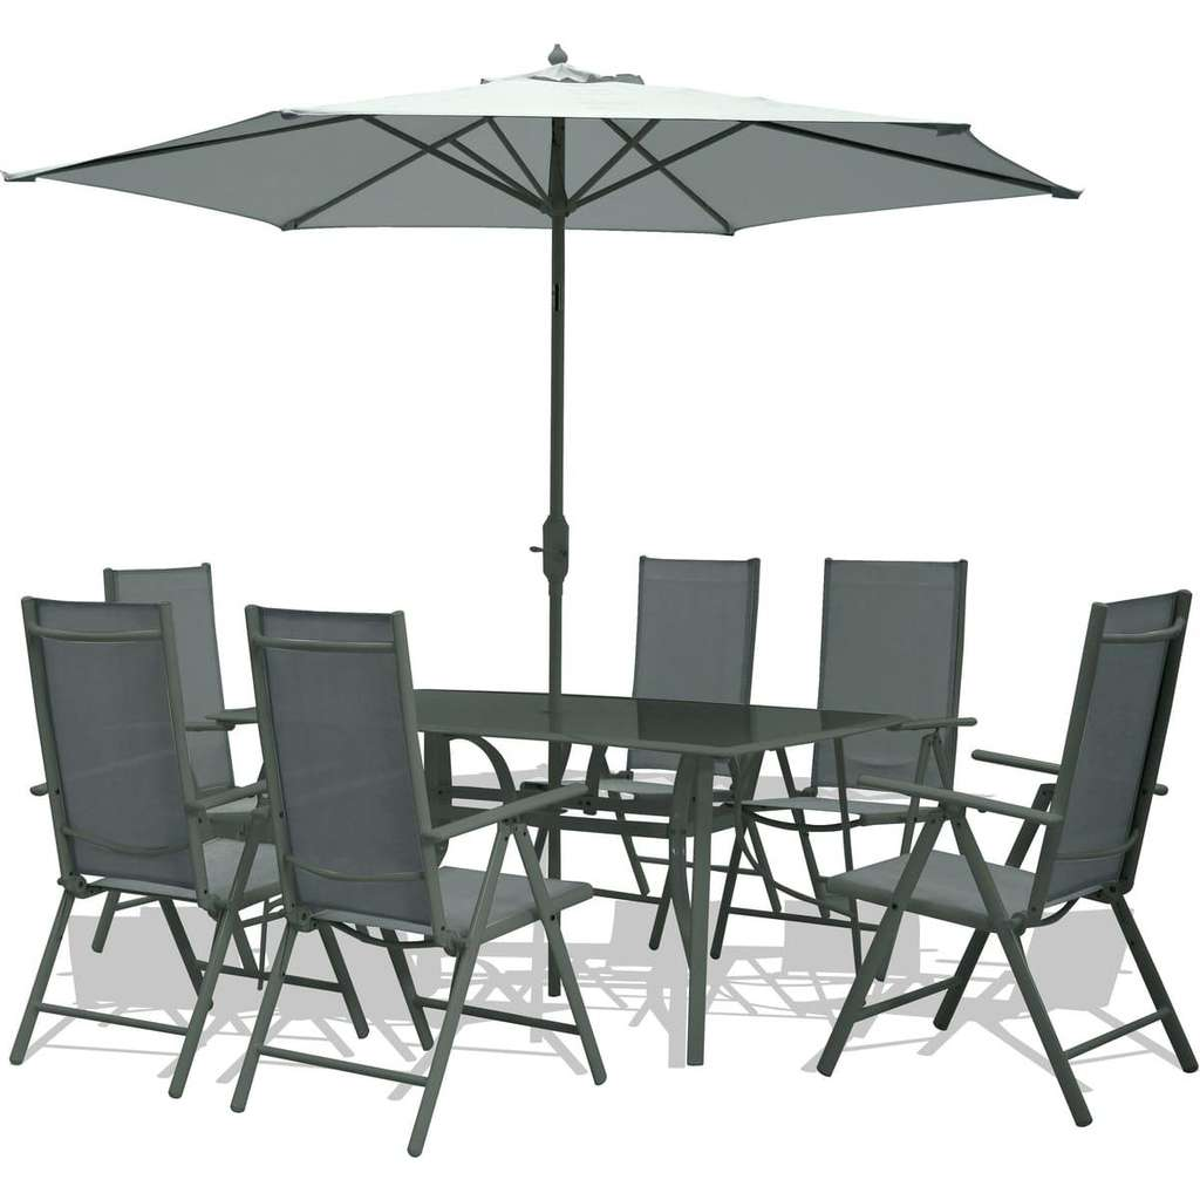 Salon de jardin family table 6 chaises parasol for Salon de jardin avec parasol